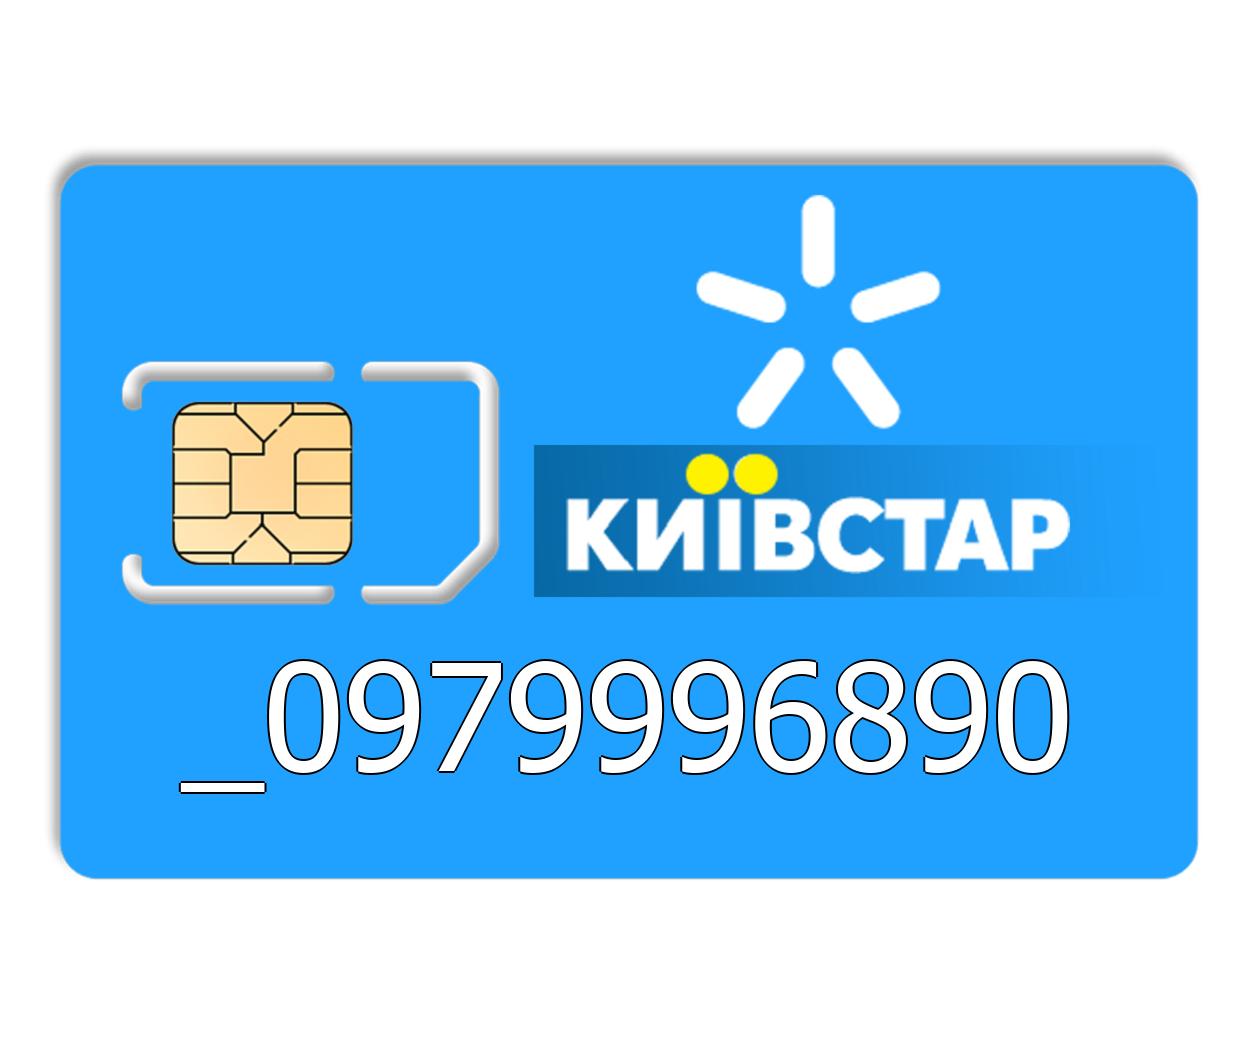 Красивый номер Киевстар 097-999-68-90